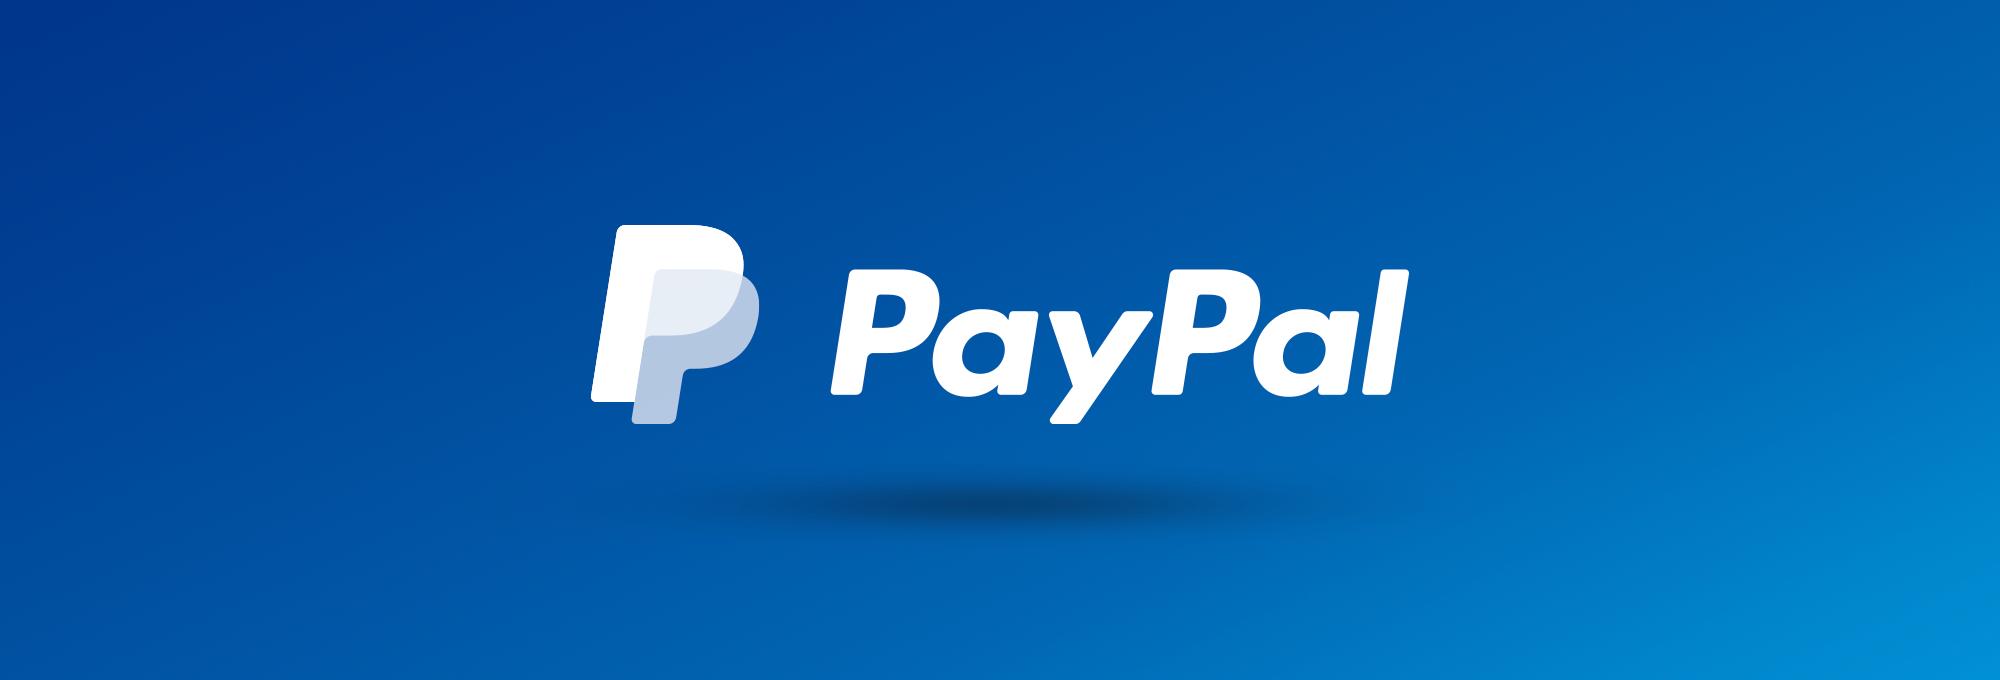 Thiết lập tài khoản paypal để giao dịch dễ hơn